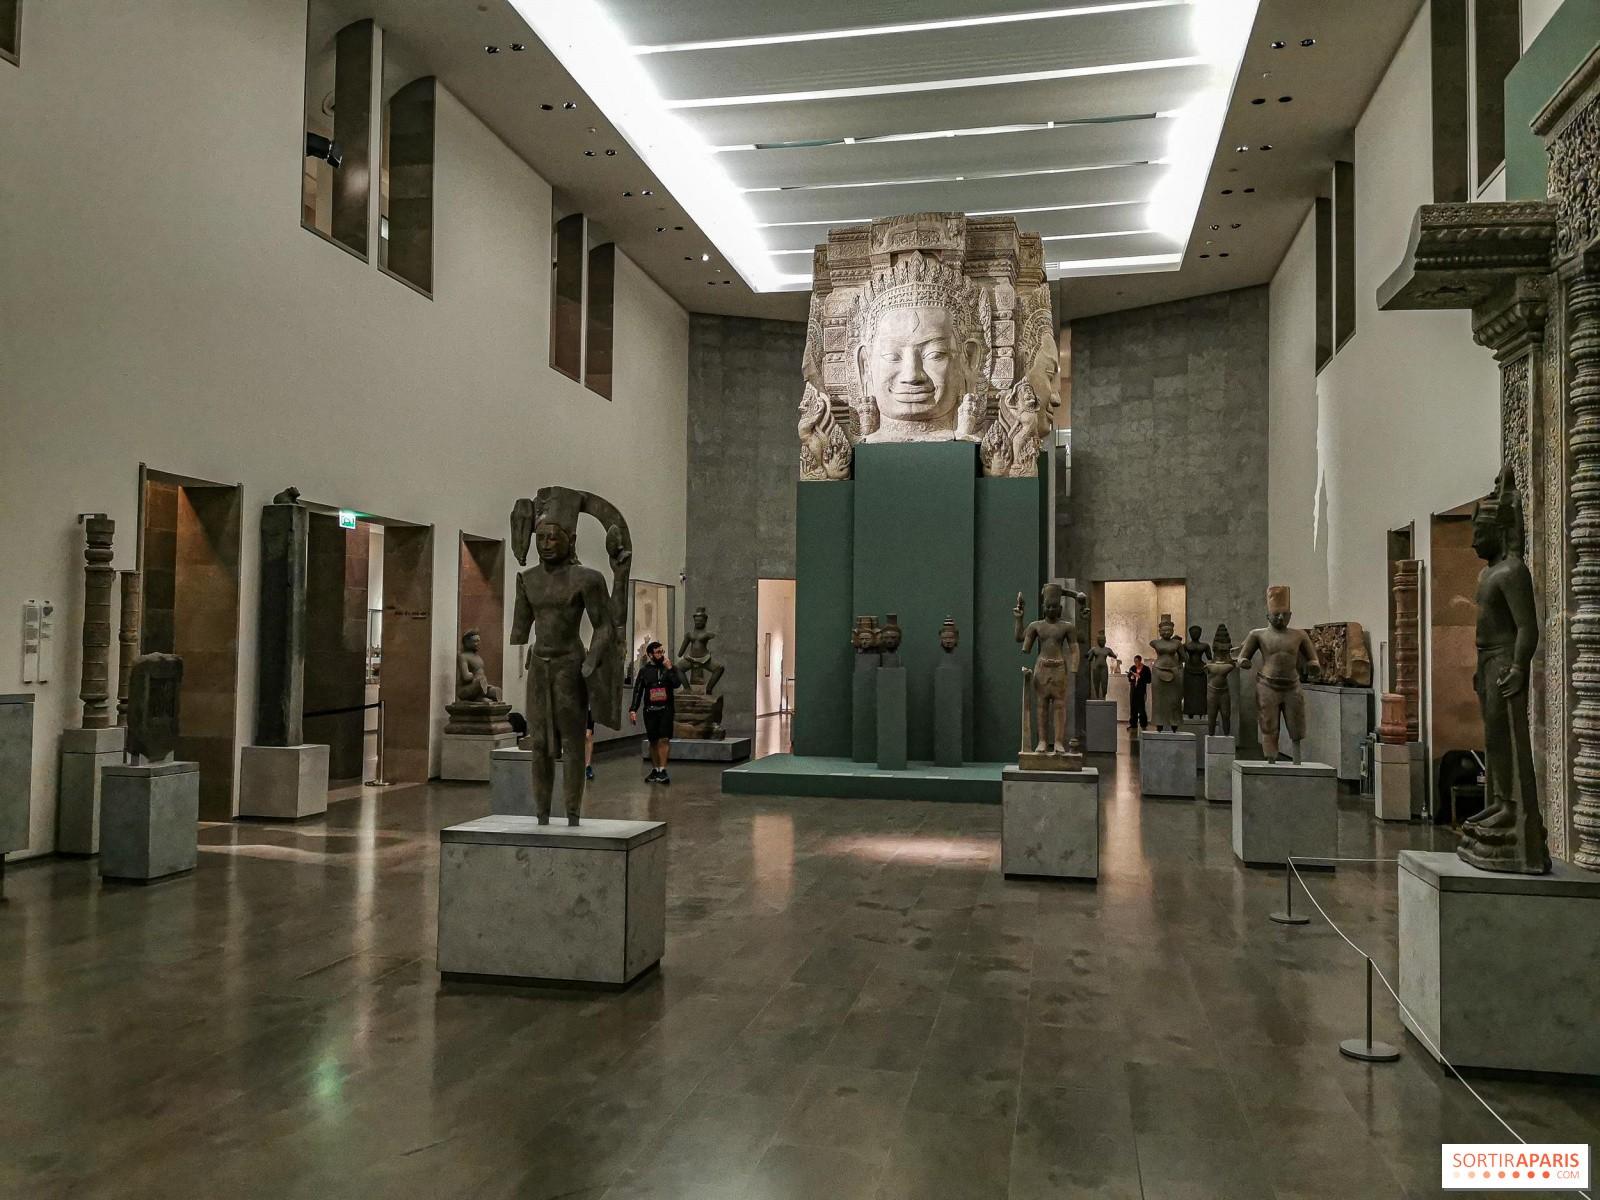 2021欧洲文化遗产日-巴黎吉美博物馆